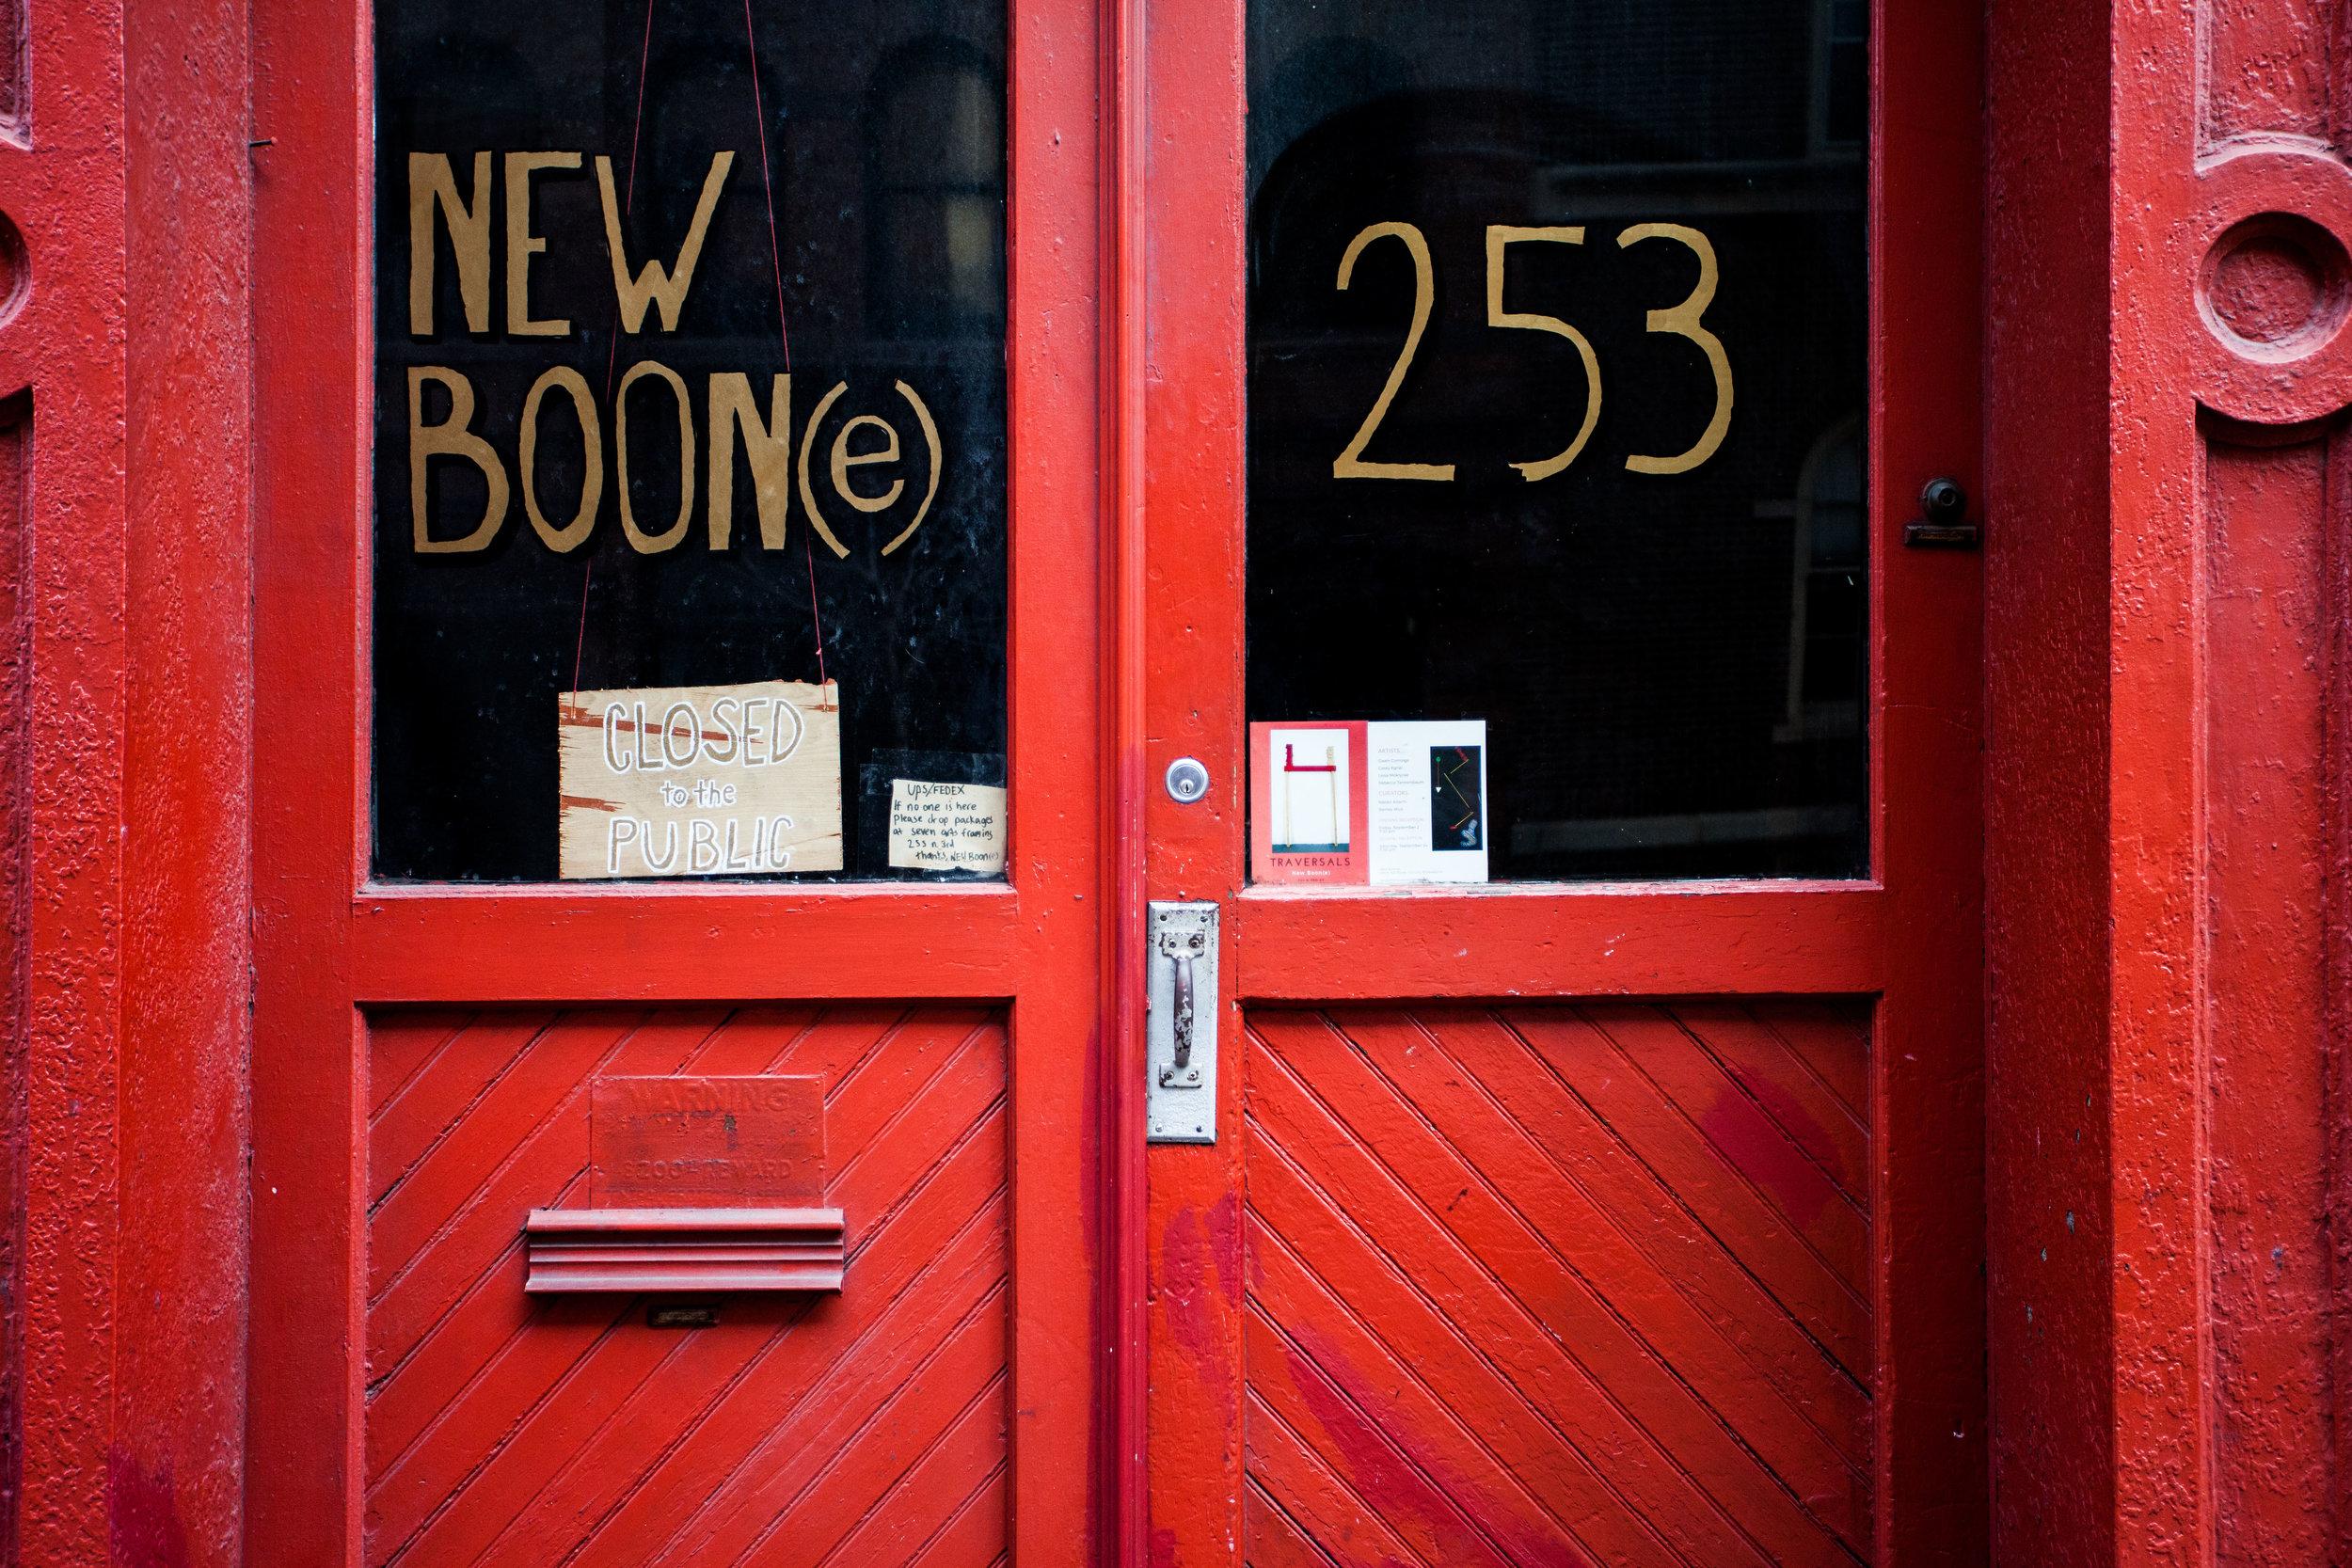 Traversals New Boone.jpg